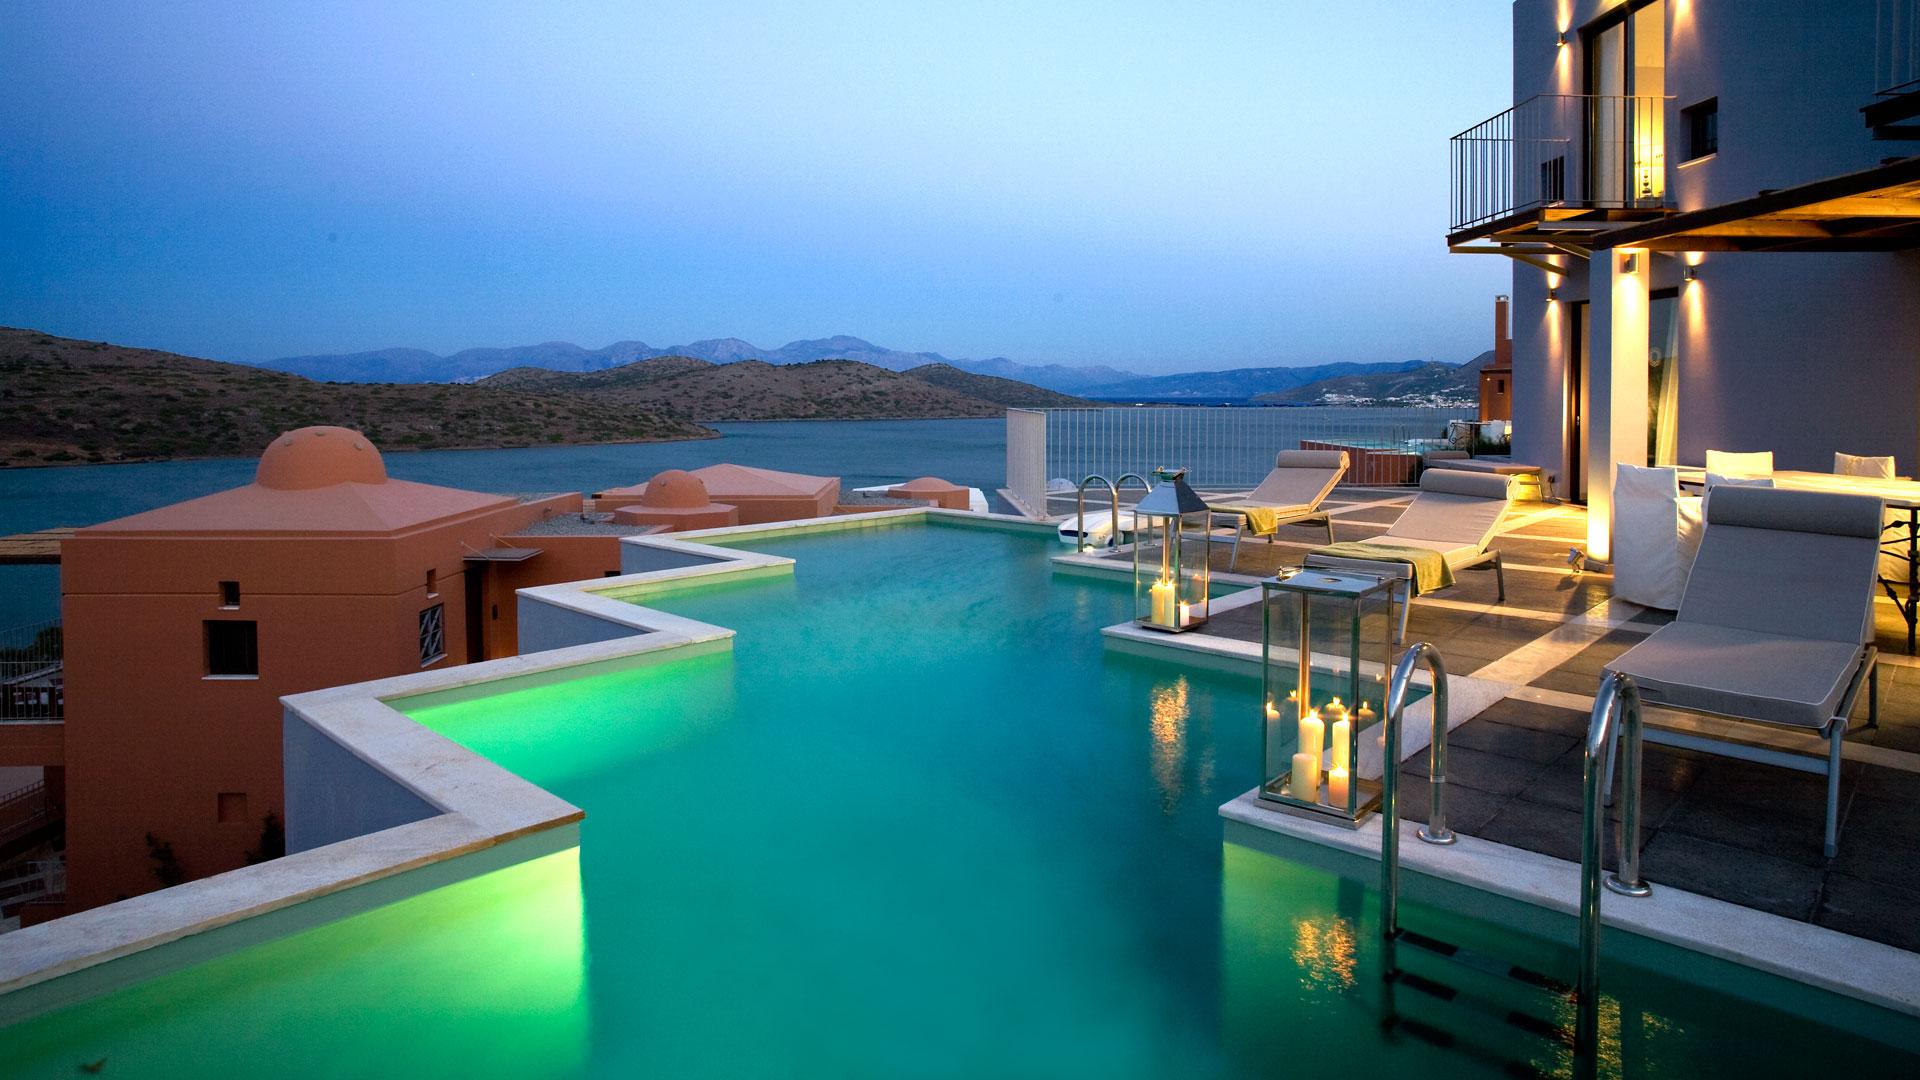 Holiday Luxury Accommodation